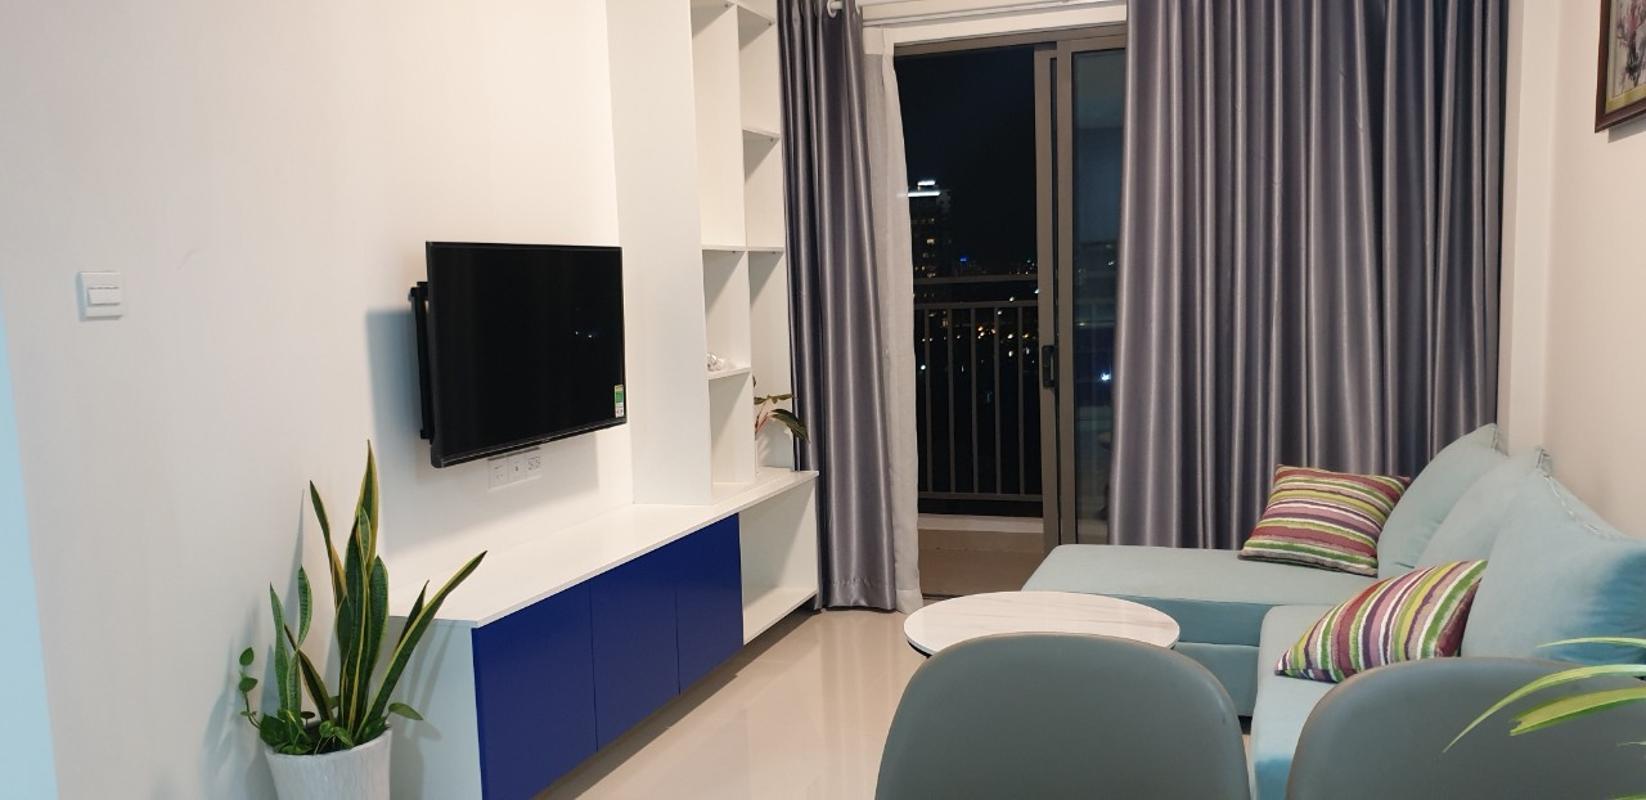 d2ea4363e4f503ab5ae4 Cho thuê căn hộ The Sun Avenue 2PN, tầng thấp, block 2, đầy đủ nội thất, hướng Tây Nam